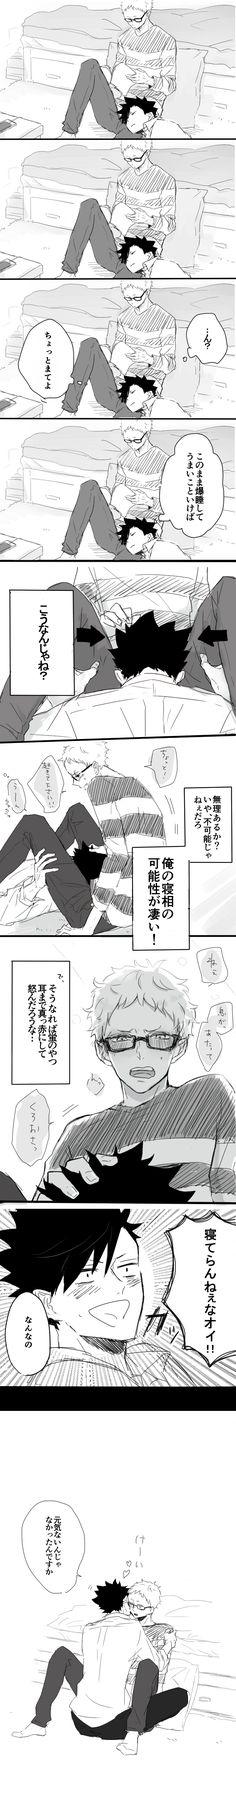 KuroTsuki ❤